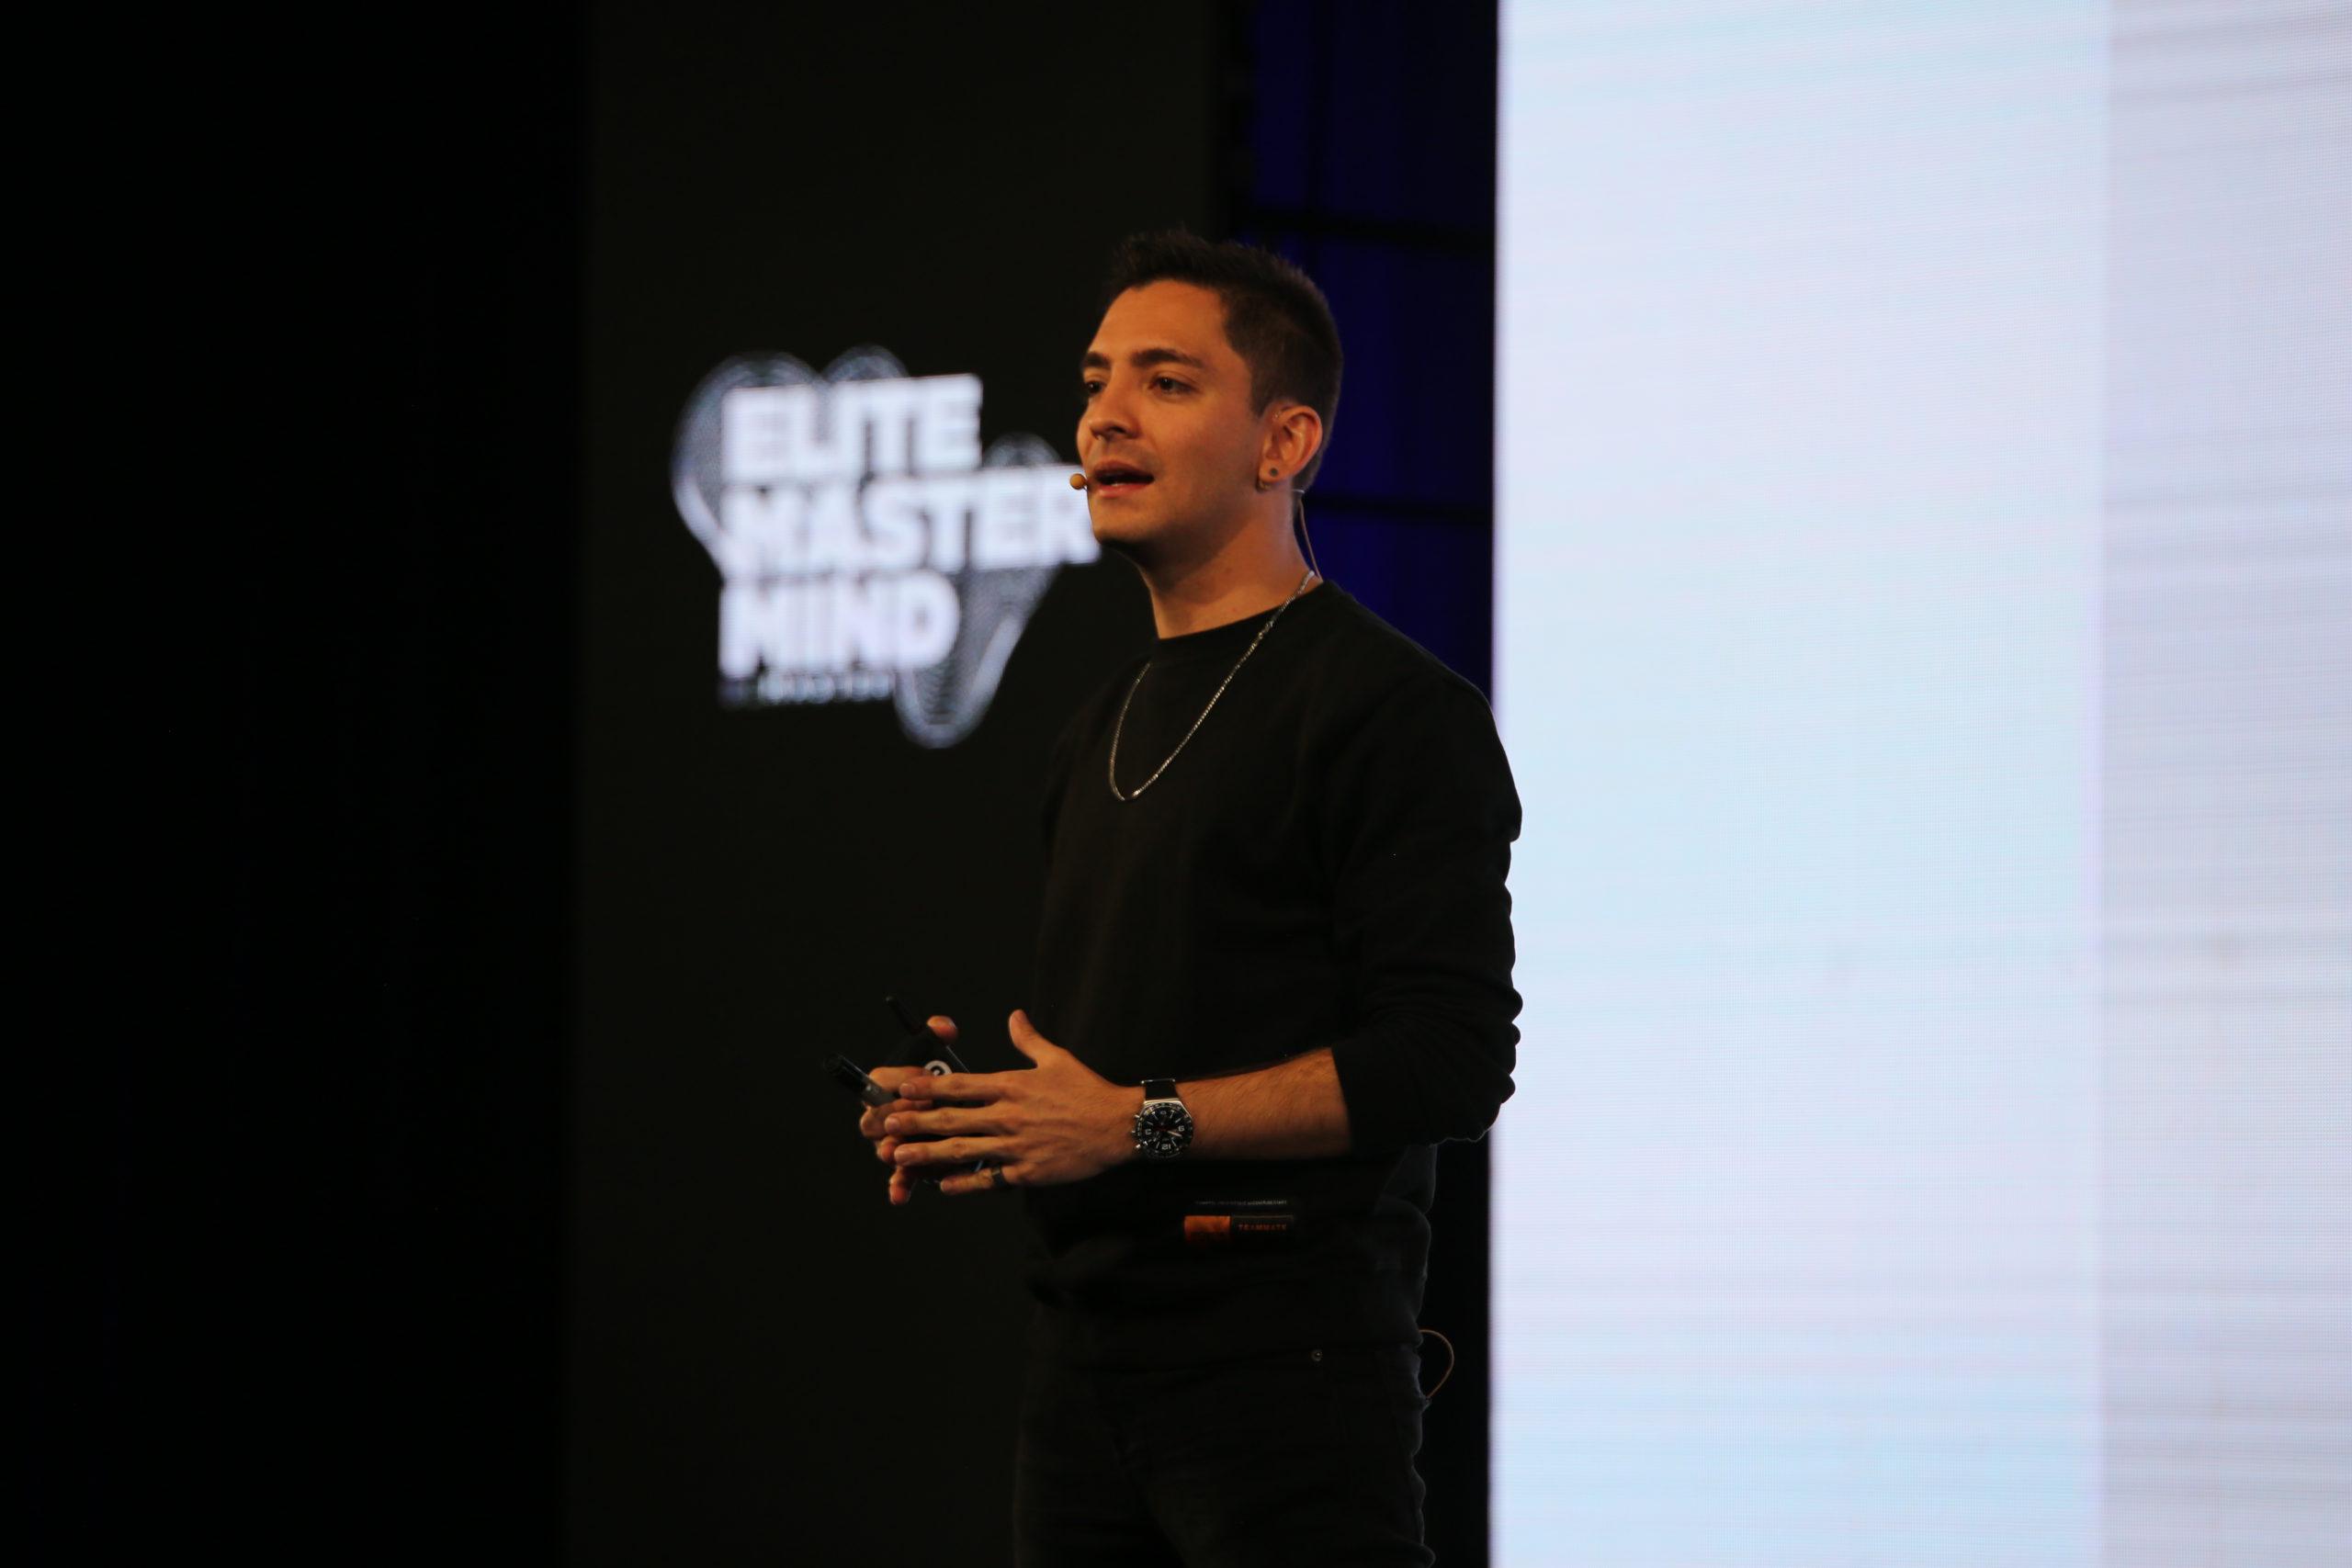 Así recibimos el Elite Mastermind, Mike Munzvil inaugura el evento en su primera versión